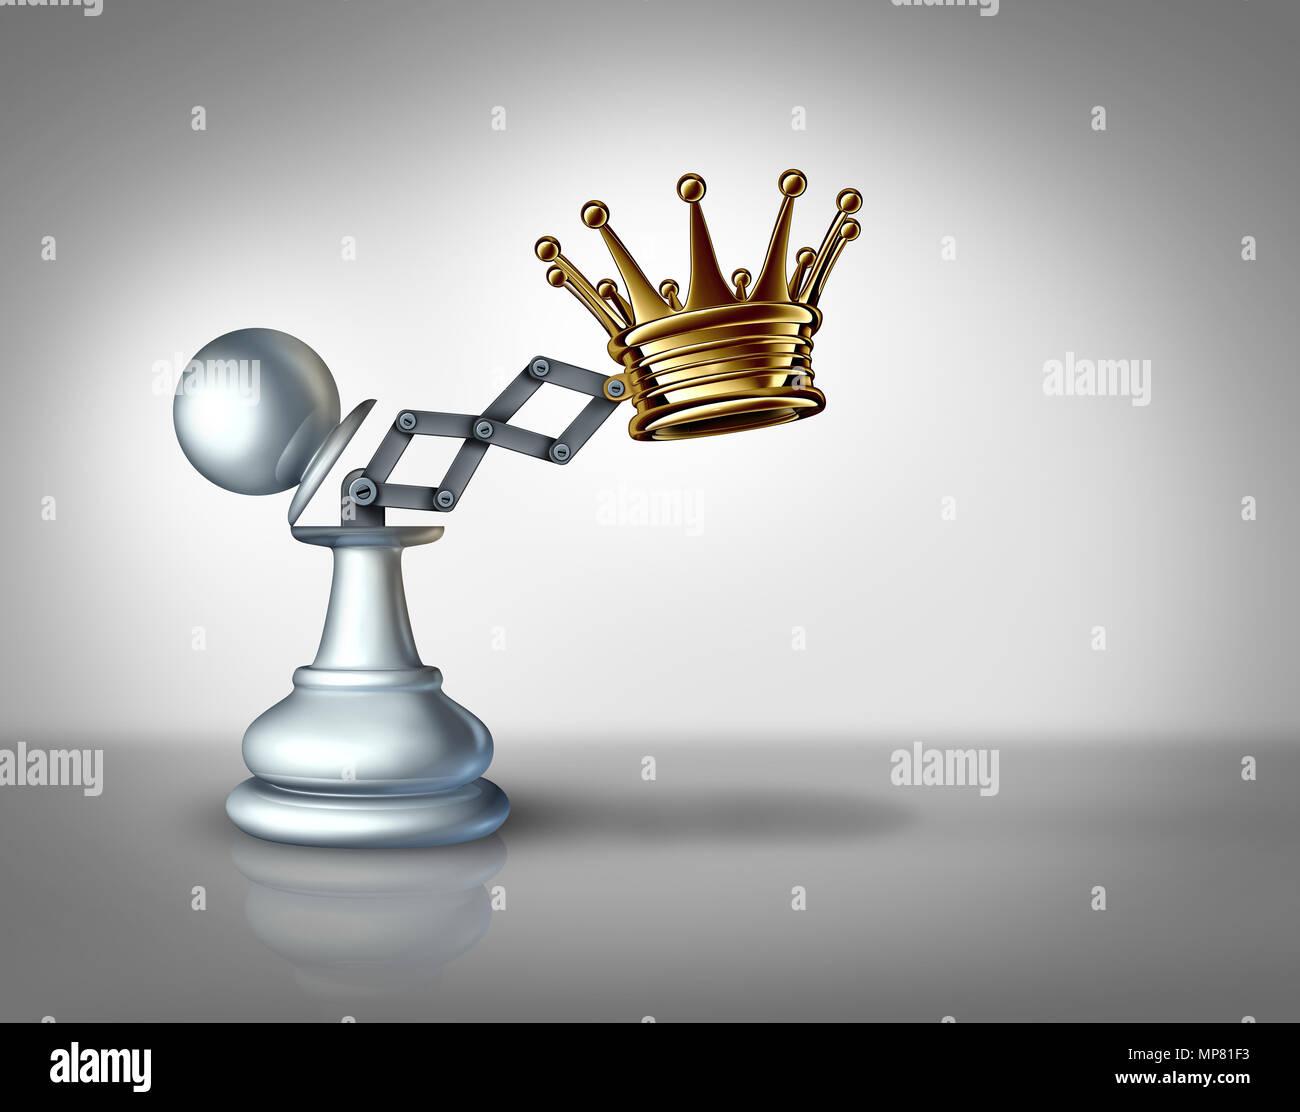 El liderazgo empresarial y el poder con el concepto de confianza como una estrategia de éxito como una idea de ilustración 3D. Imagen De Stock